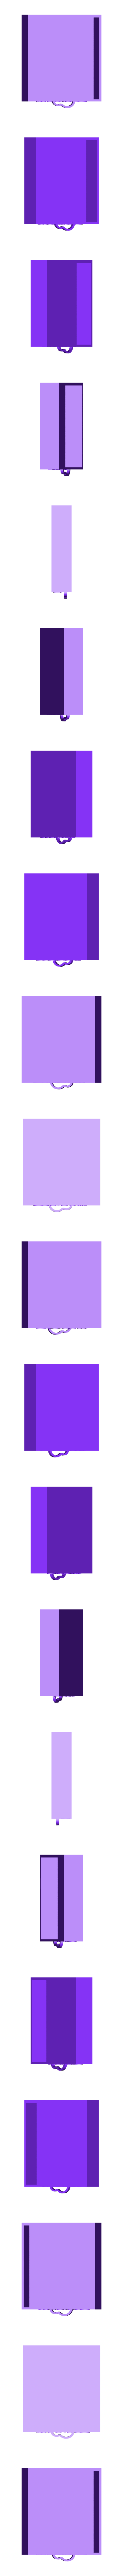 cajon.stl Télécharger fichier STL gratuit Mini Bureau • Modèle pour imprimante 3D, LnZProd